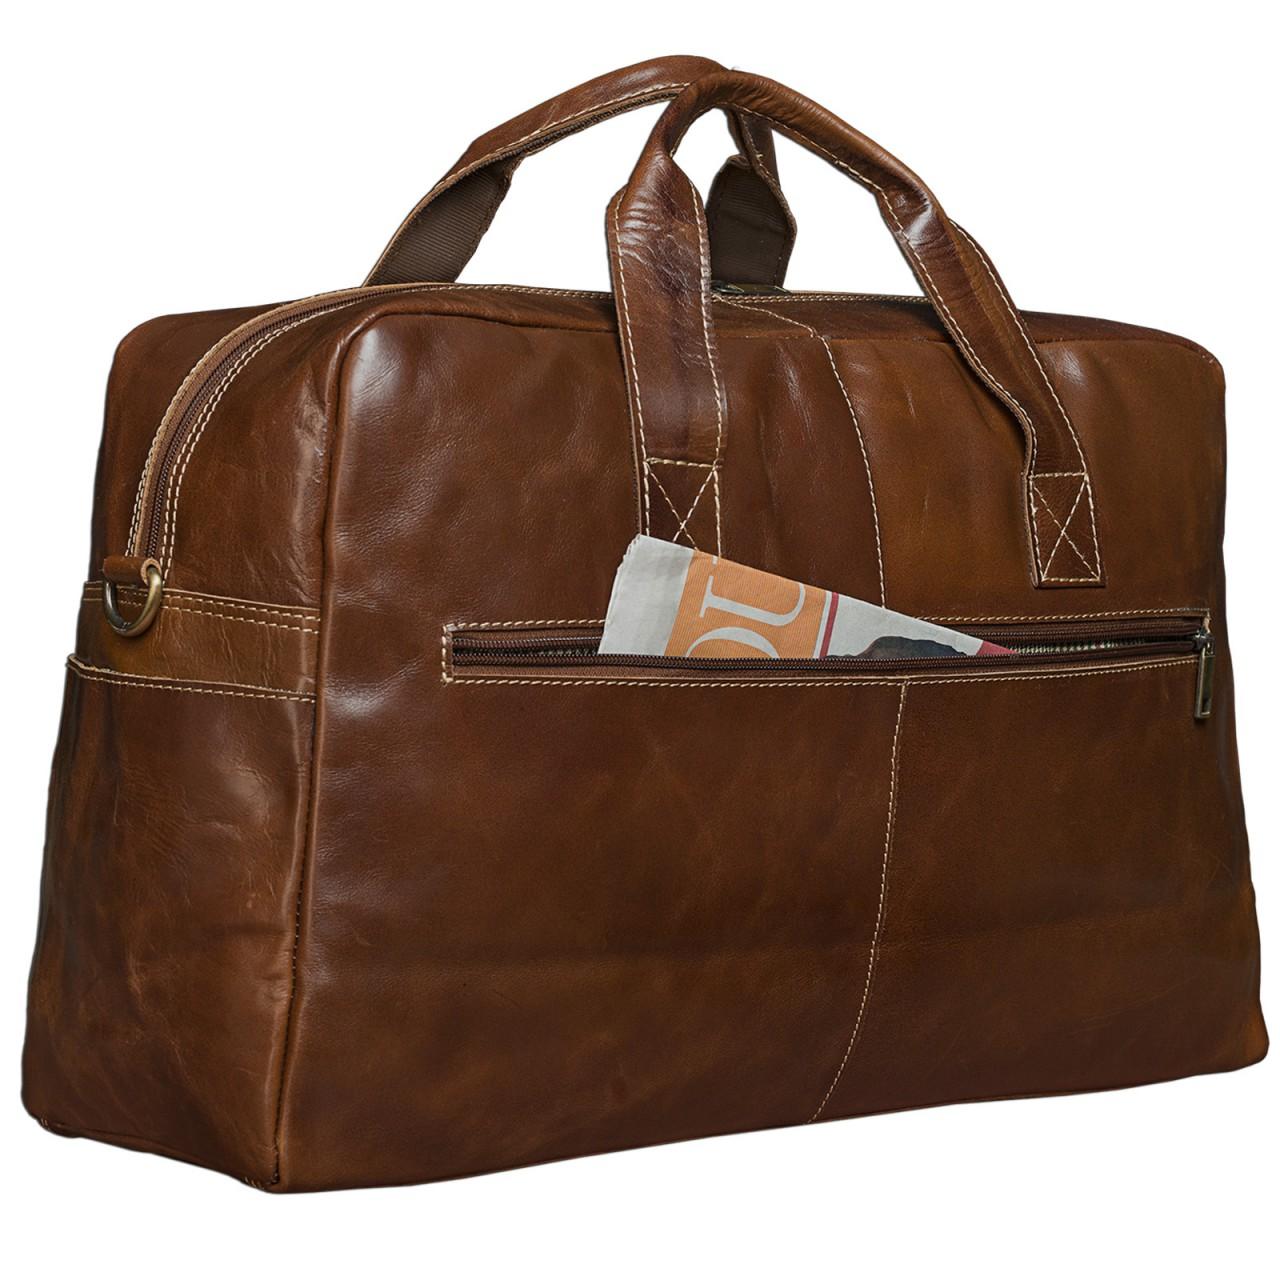 STILORD Vintage Reisetasche Umhängetasche Unisex Weekender für Flugzeug, Handgepäck in Kabinengröße, aus echtem Rinds Leder dunkelbraun - Bild 3